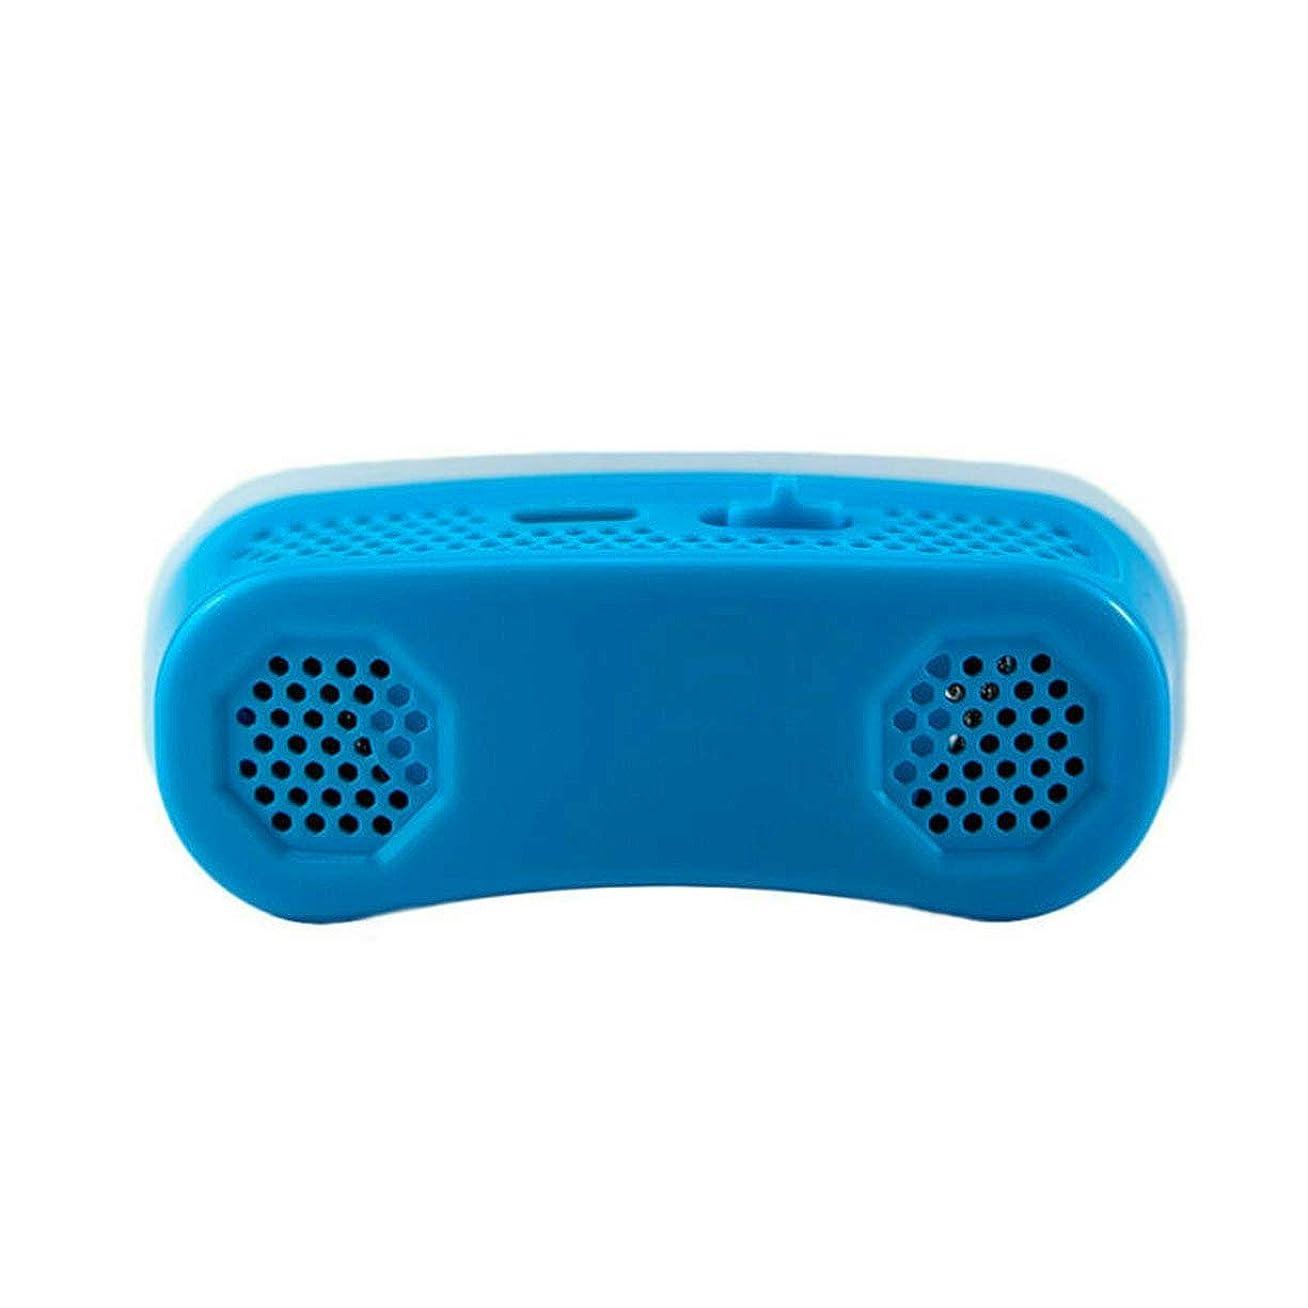 昆虫免疫魔術睡眠時無呼吸停止いびき止め栓 - 青のためのマイクロCPAP抗いびき電子デバイス